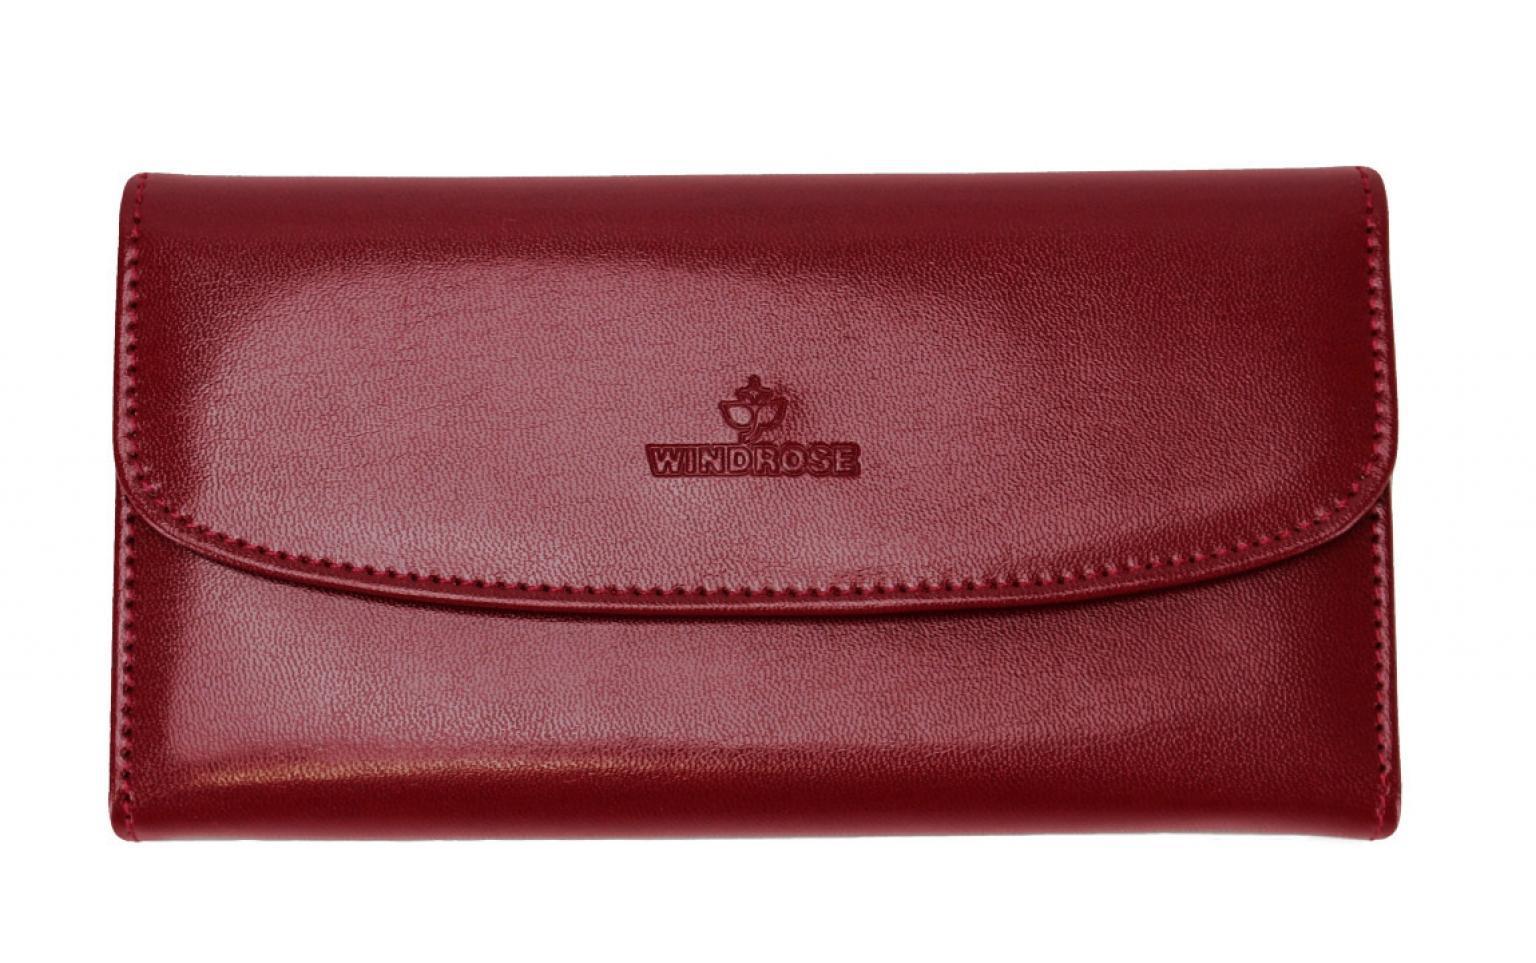 Schmucktasche Merino Windrose Rot